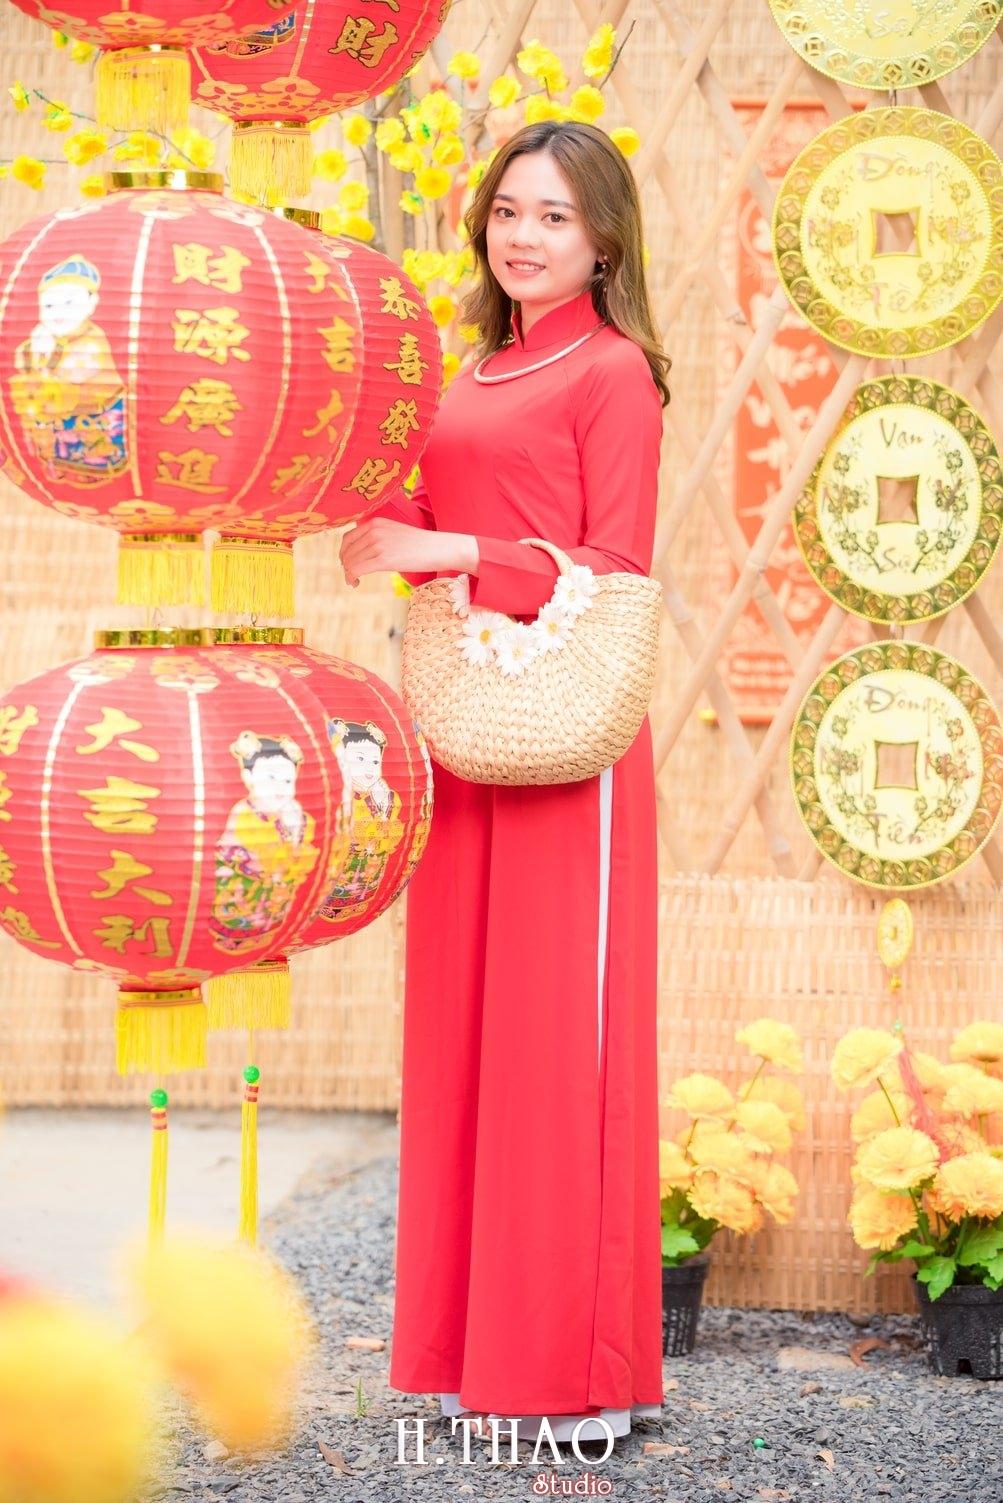 Ao dai tet do 13 - Top 40 ảnh áo dài chụp với Hoa đào, hoa mai tết tuyệt đẹp- HThao Studio